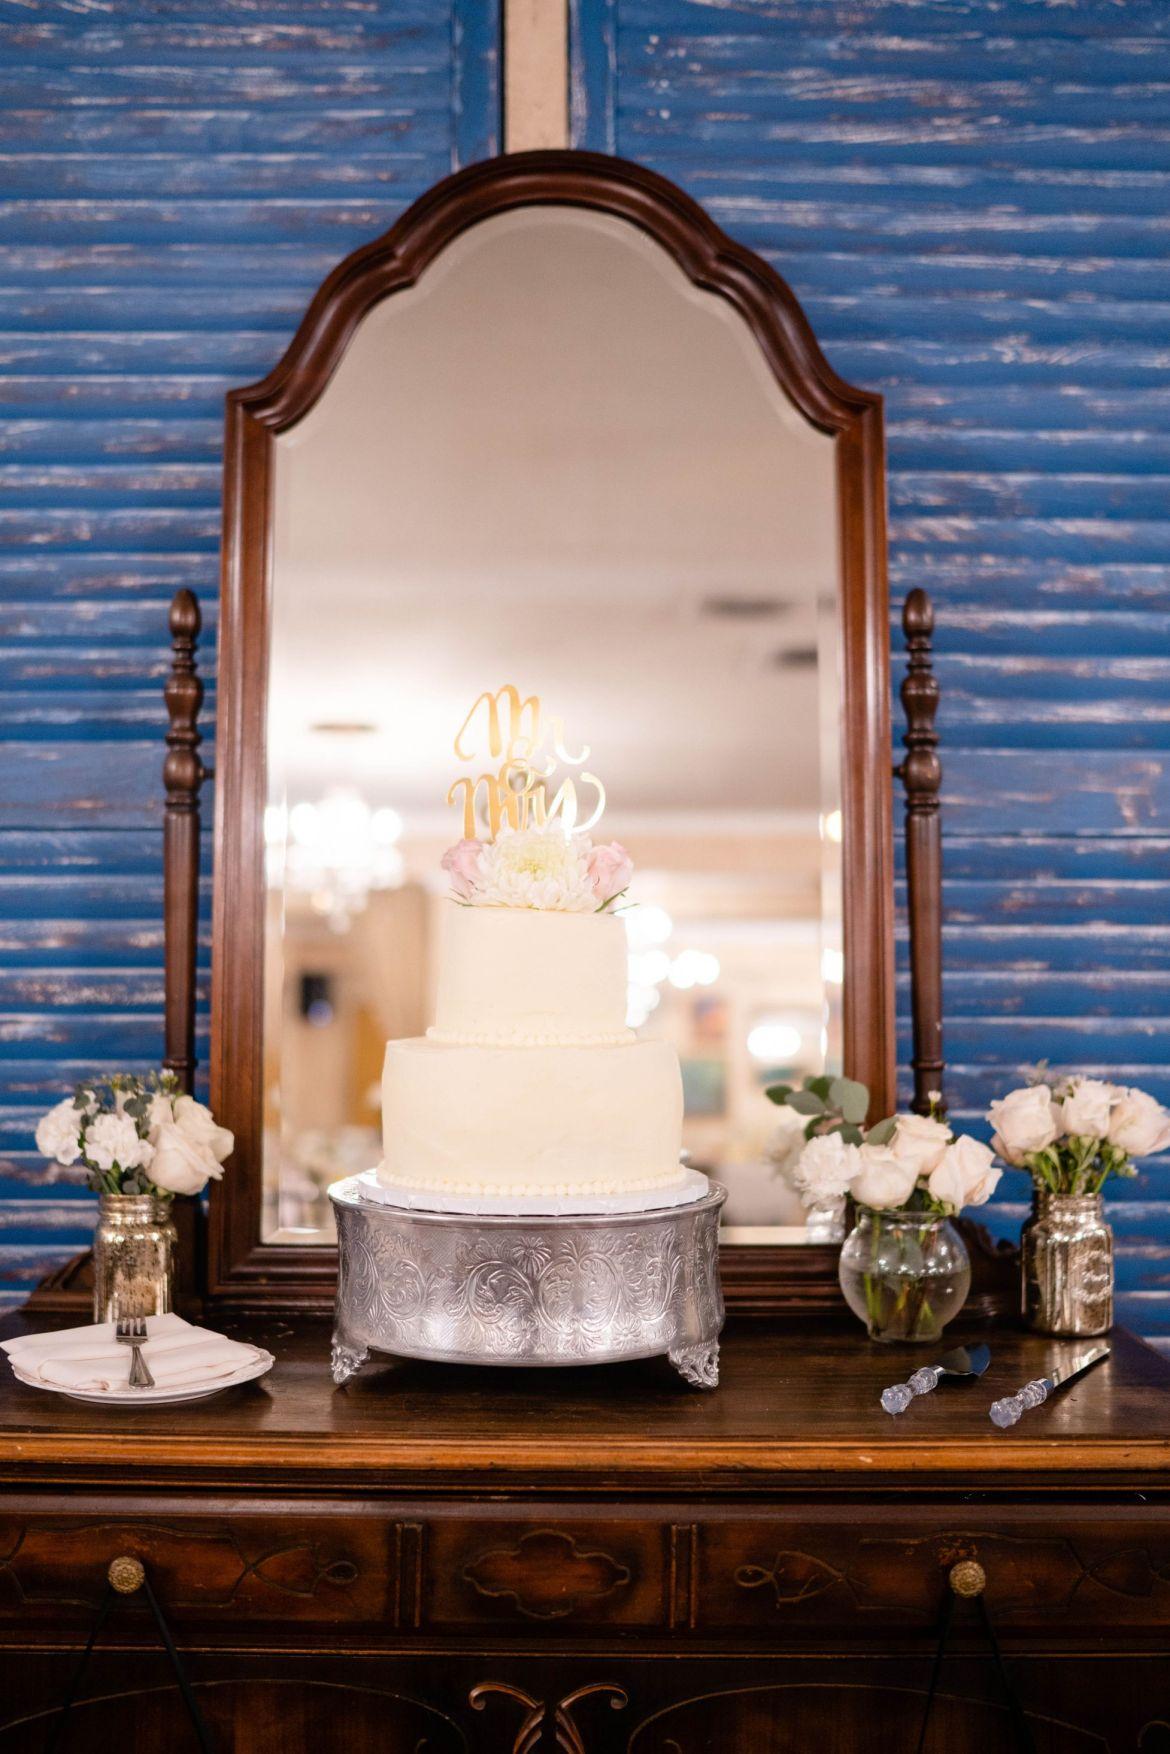 10 wedding cake vintage rose